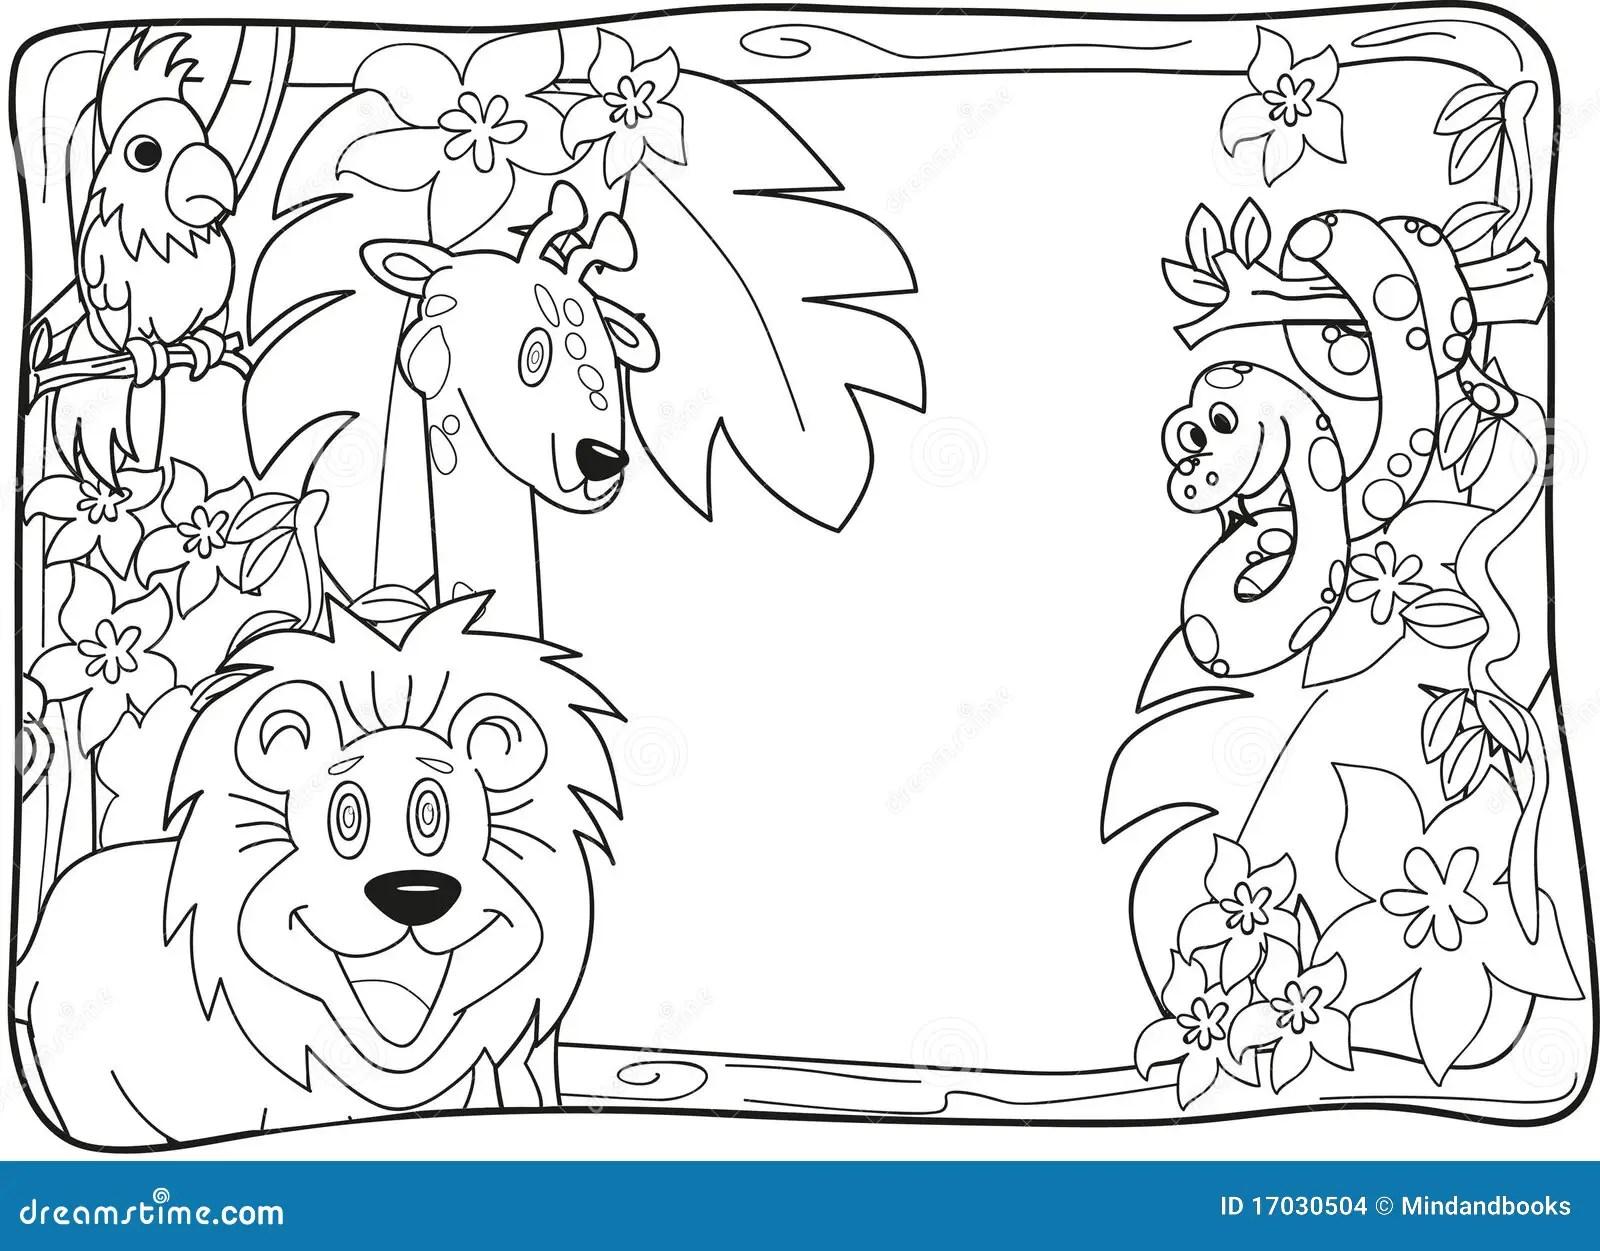 Dschungel Einladung Lineart Stock Abbildung